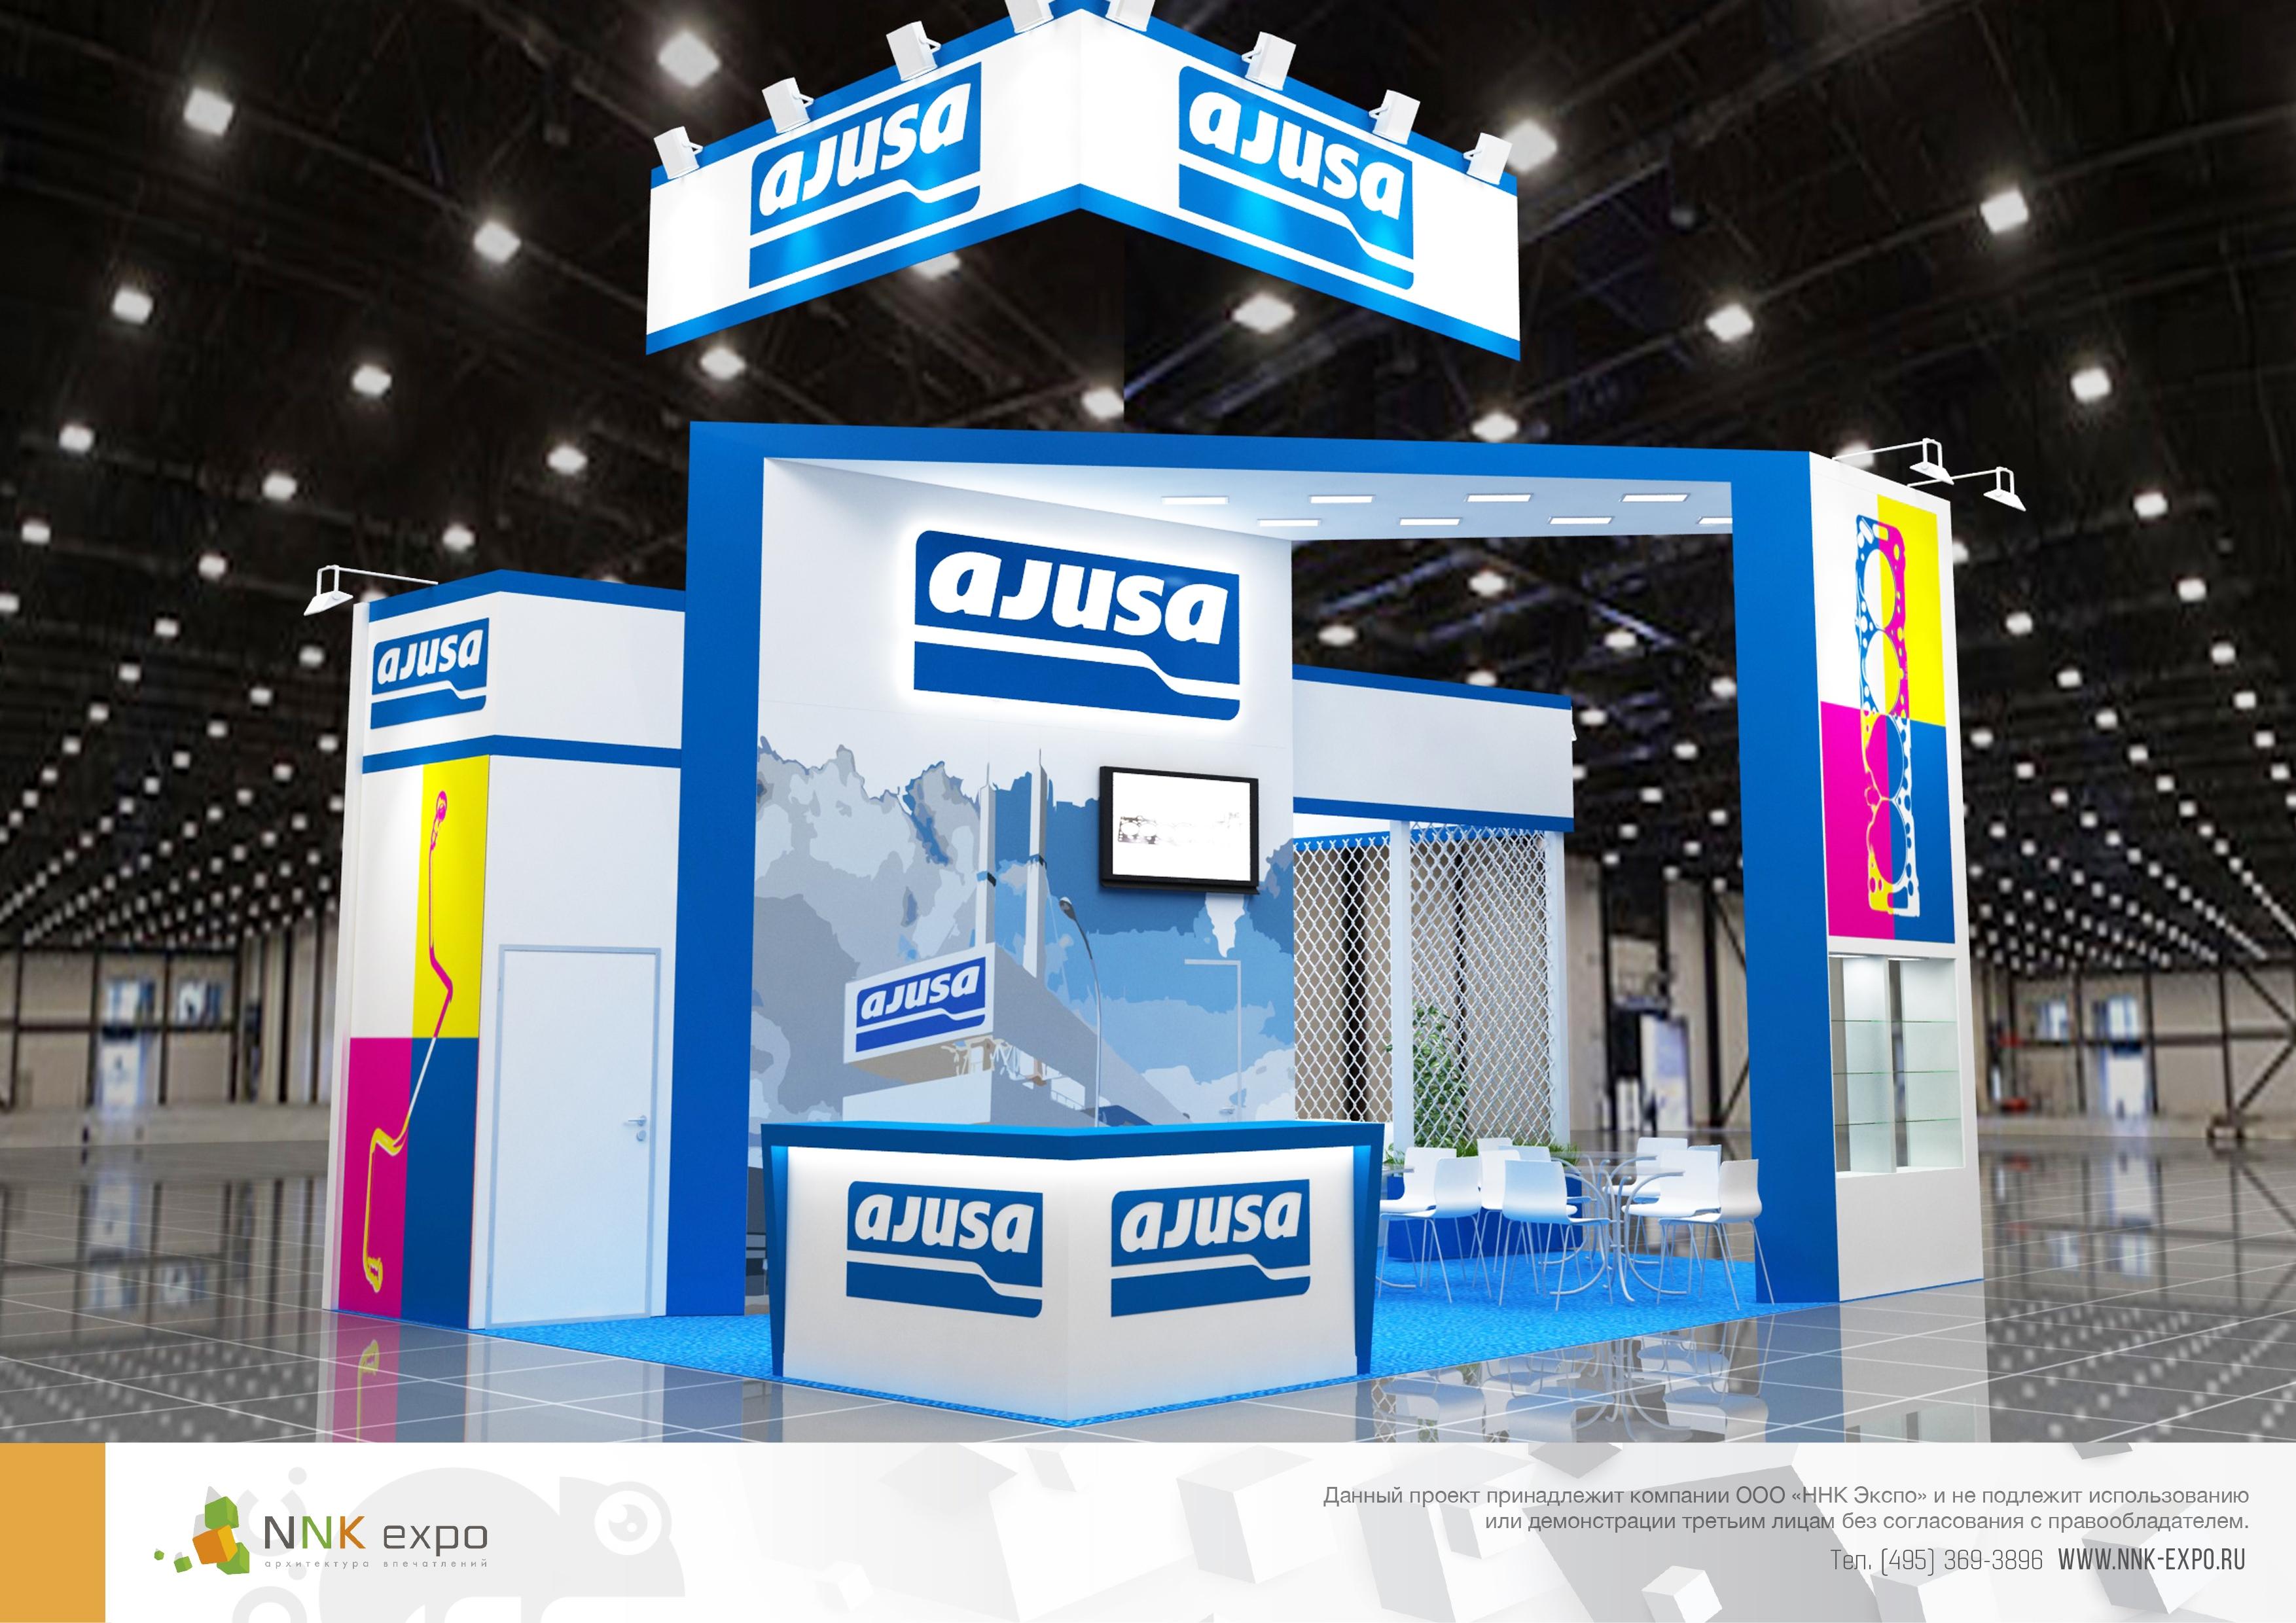 Дизайн проект выставочного стенда компании Аджуса (AJUSA)